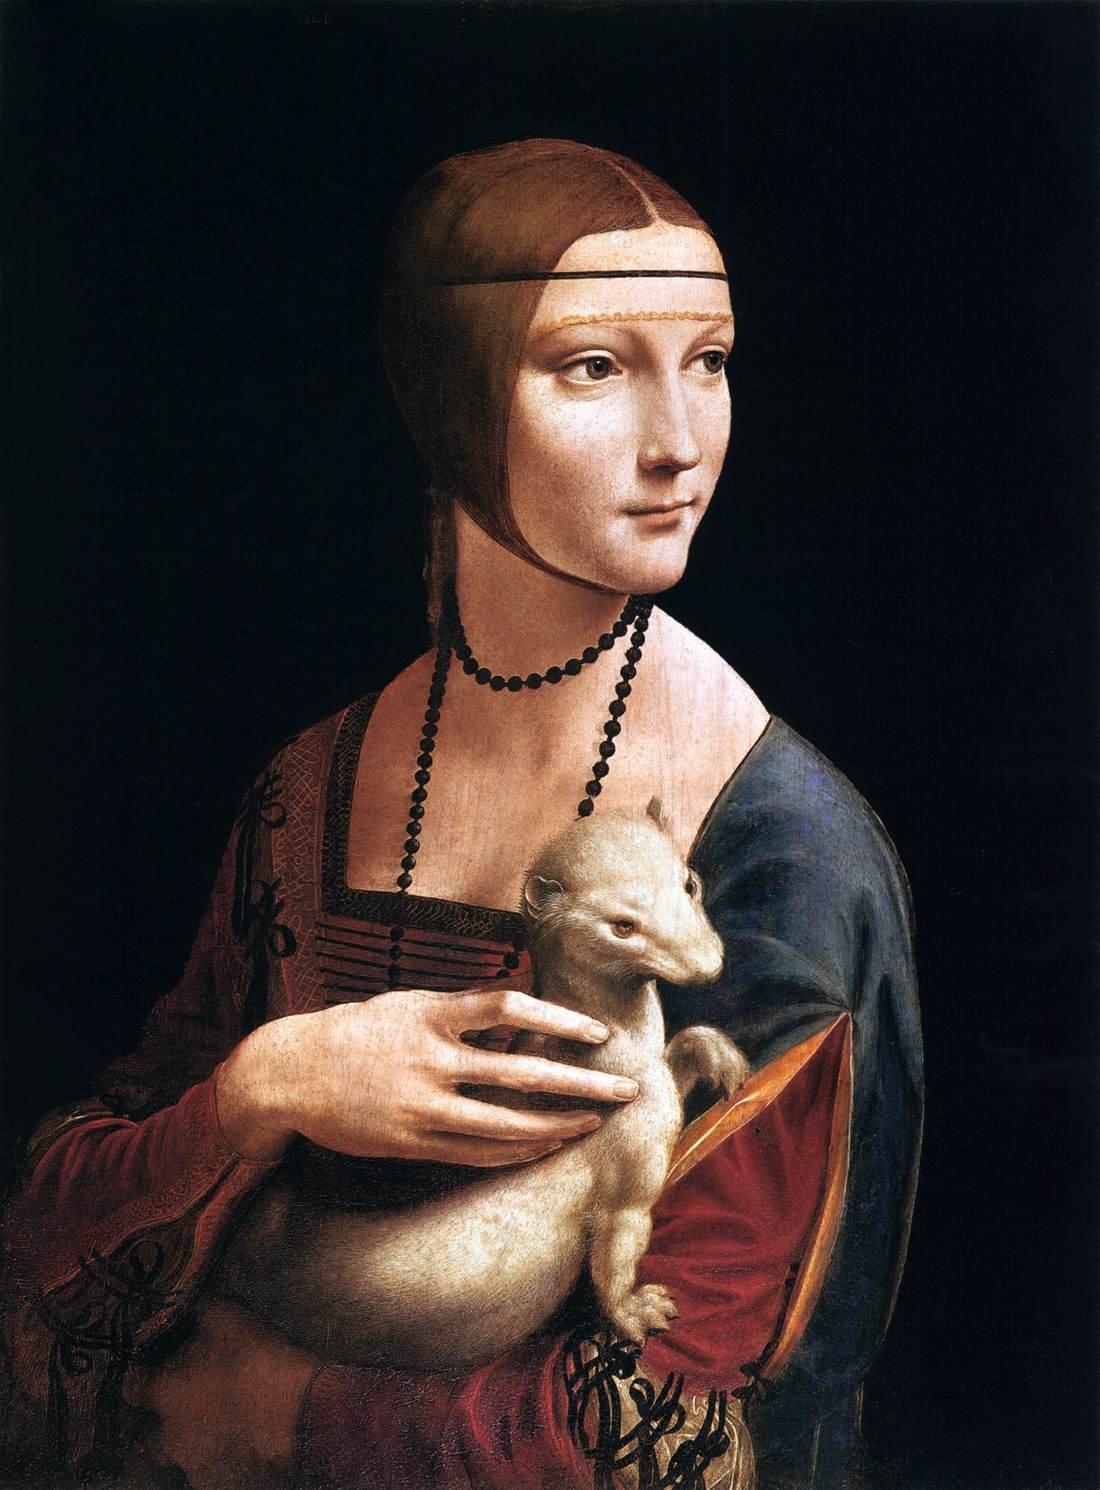 抱貂女郎 意大利 达芬奇 板上油画 纵54.8×横40.3厘米 克拉科查托斯基美术馆藏